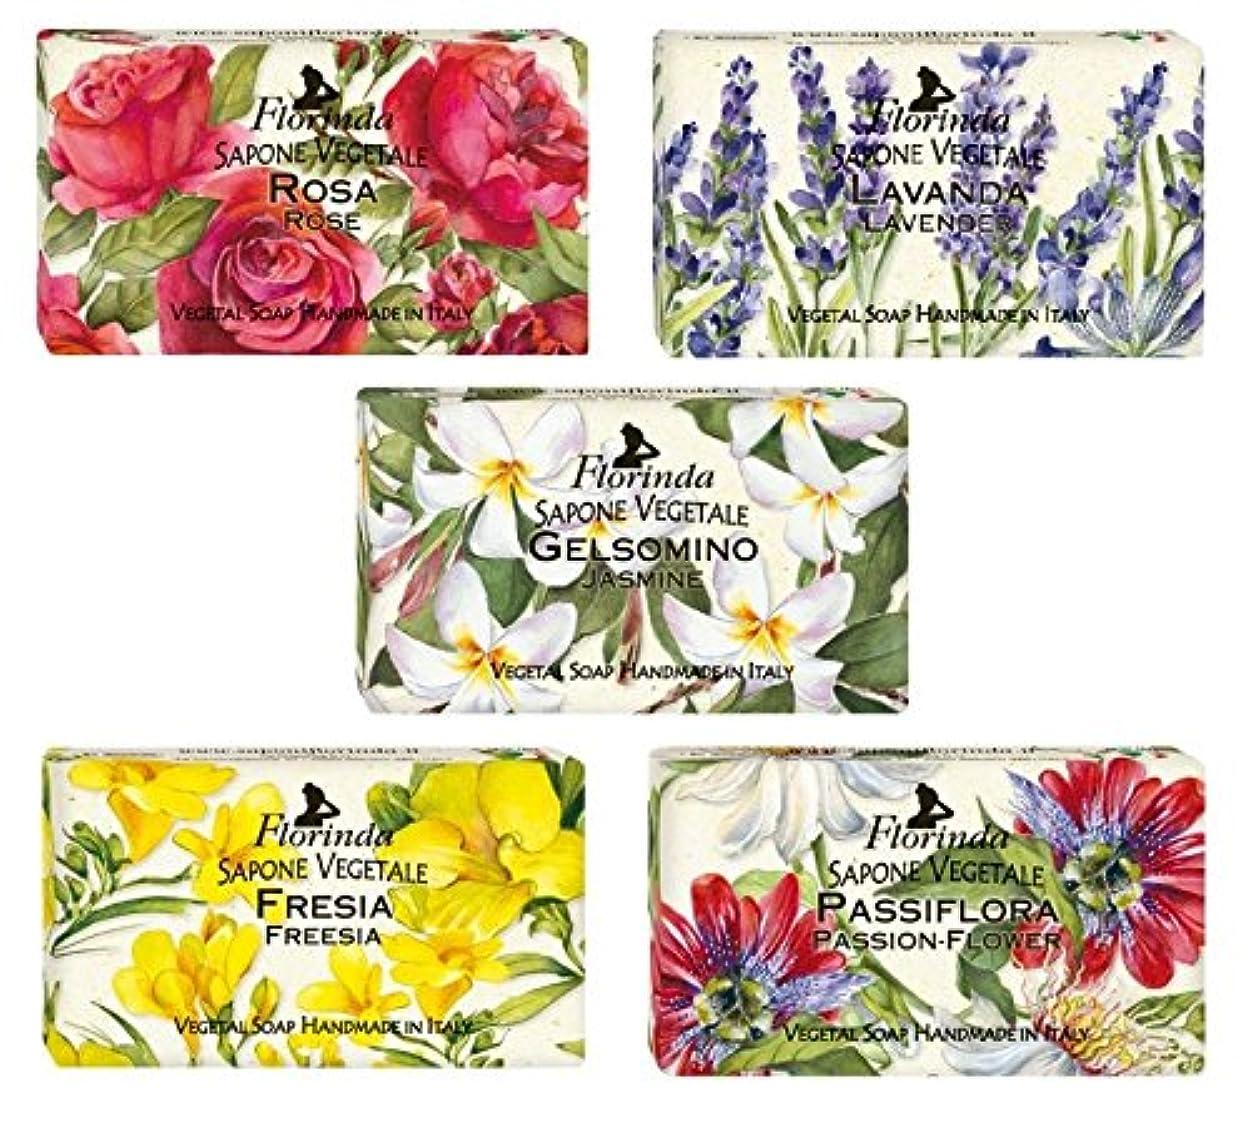 ほこり延期する解く【5種セット】 フロリンダ フレグランスソープ 95g 花の香り 5種セット